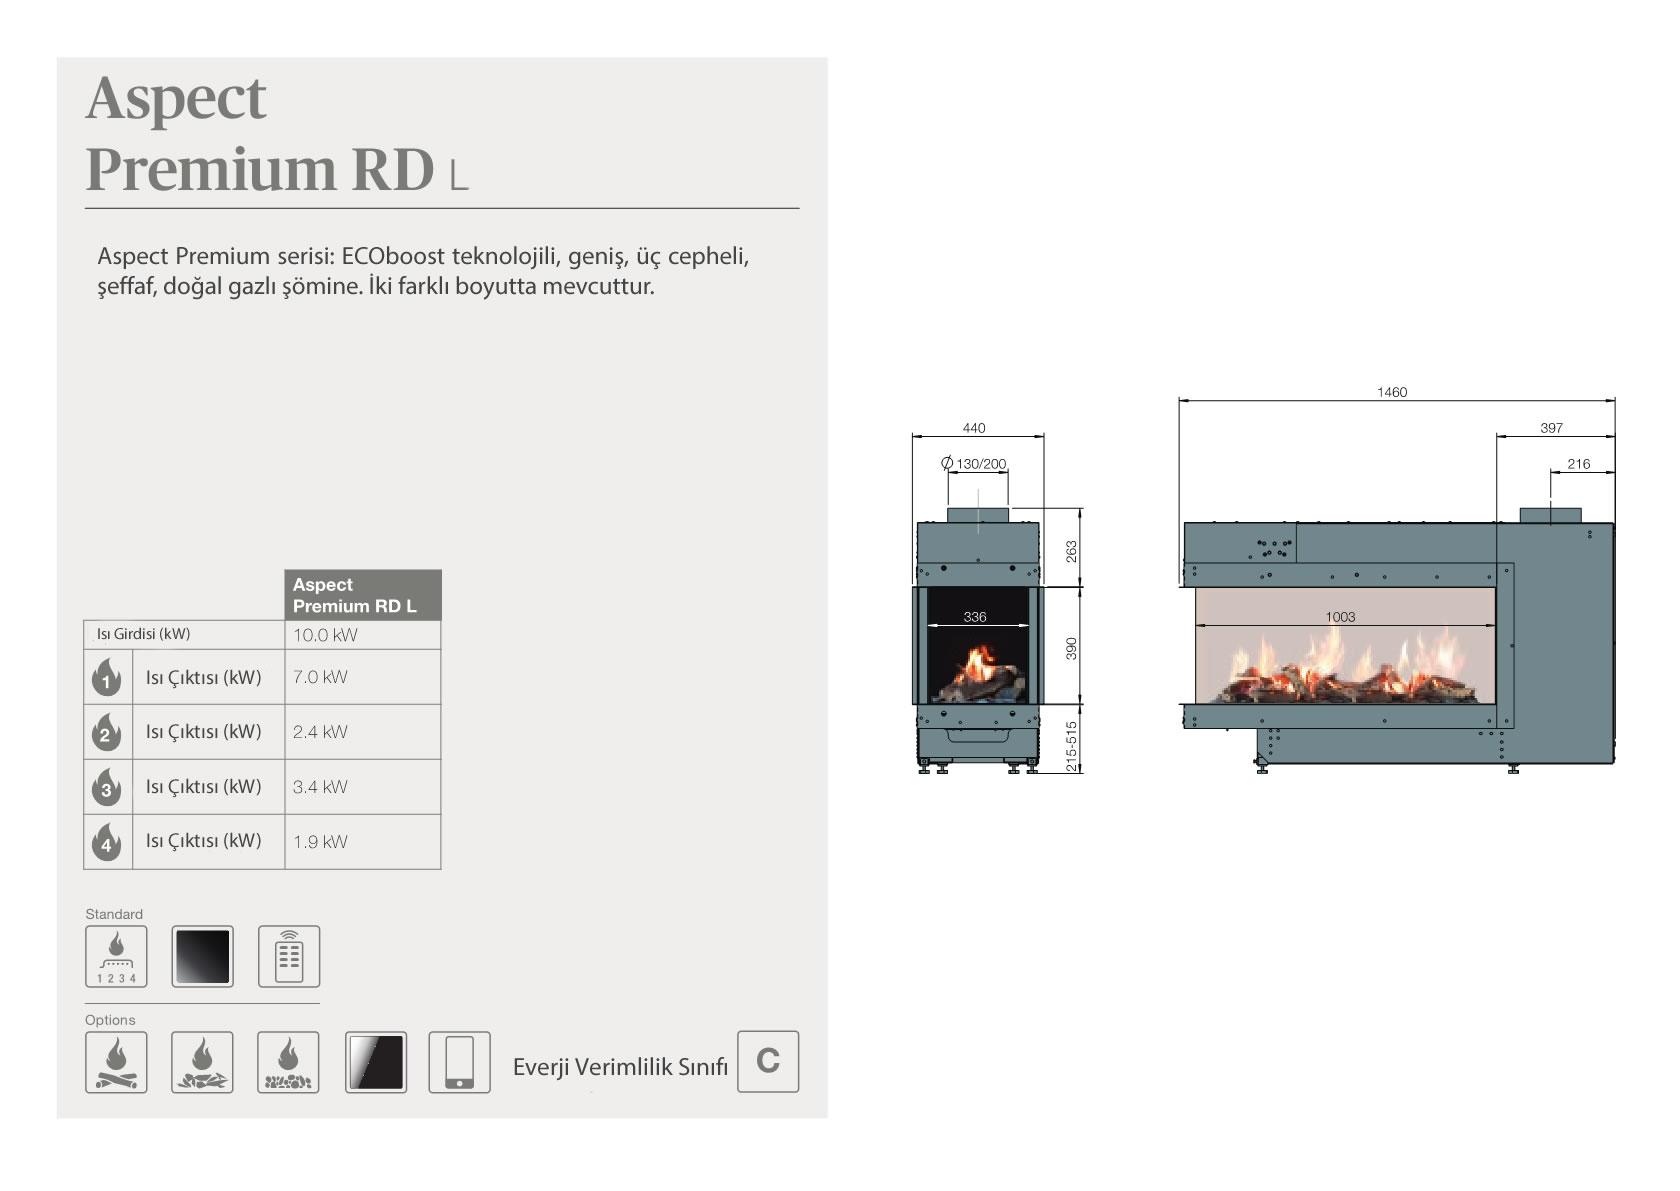 Faber Doğalgazlı Şömineler - Aspect Premium RD L